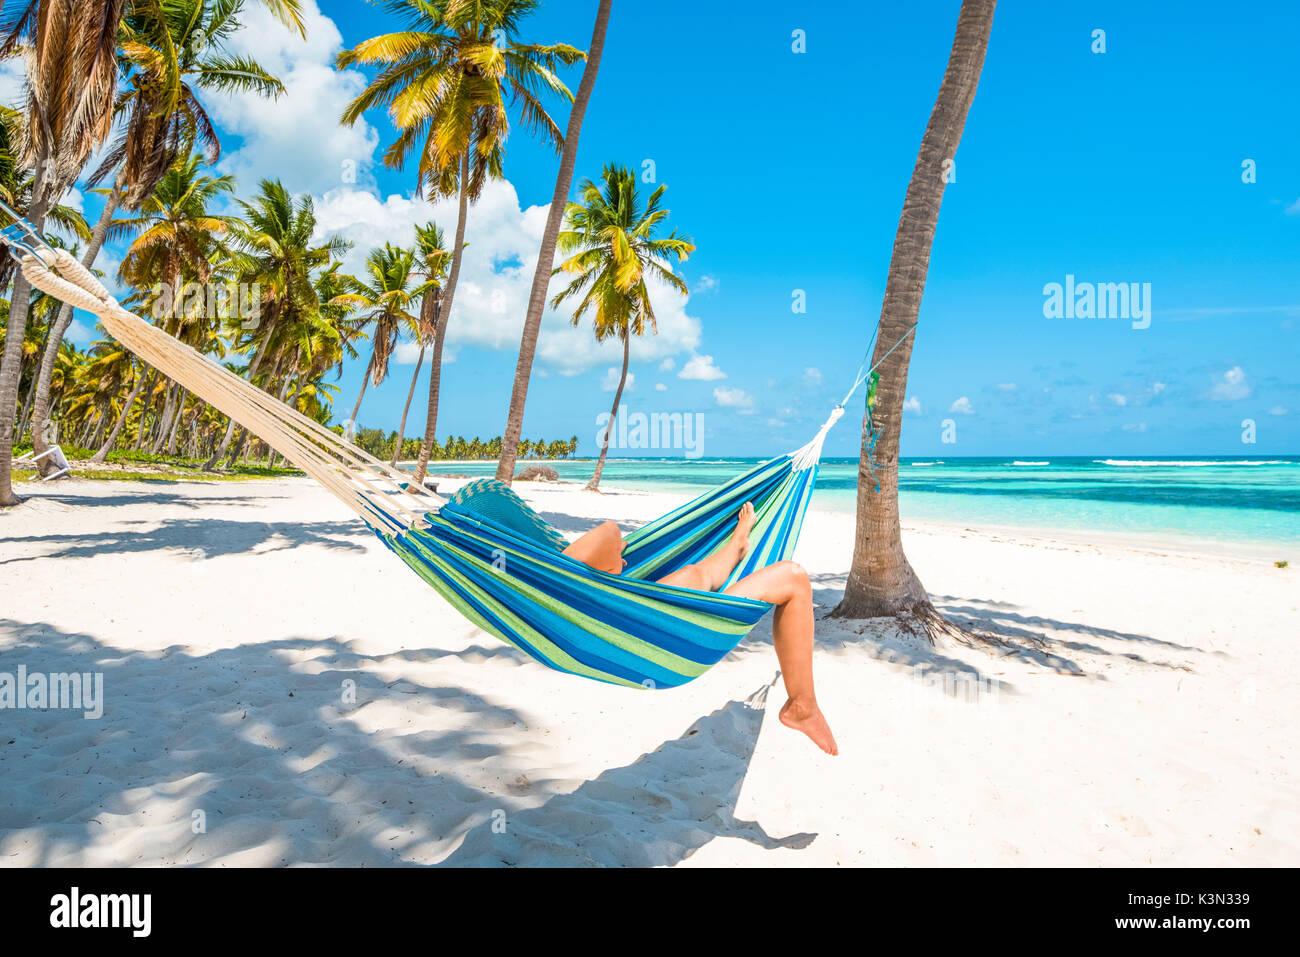 Canto de la Playa, l'île de Saona, à l'Est Parc National (Parque Nacional del Este), la République dominicaine, la mer des Caraïbes. Femme de vous détendre sur un hamac sur la plage (MR). Photo Stock